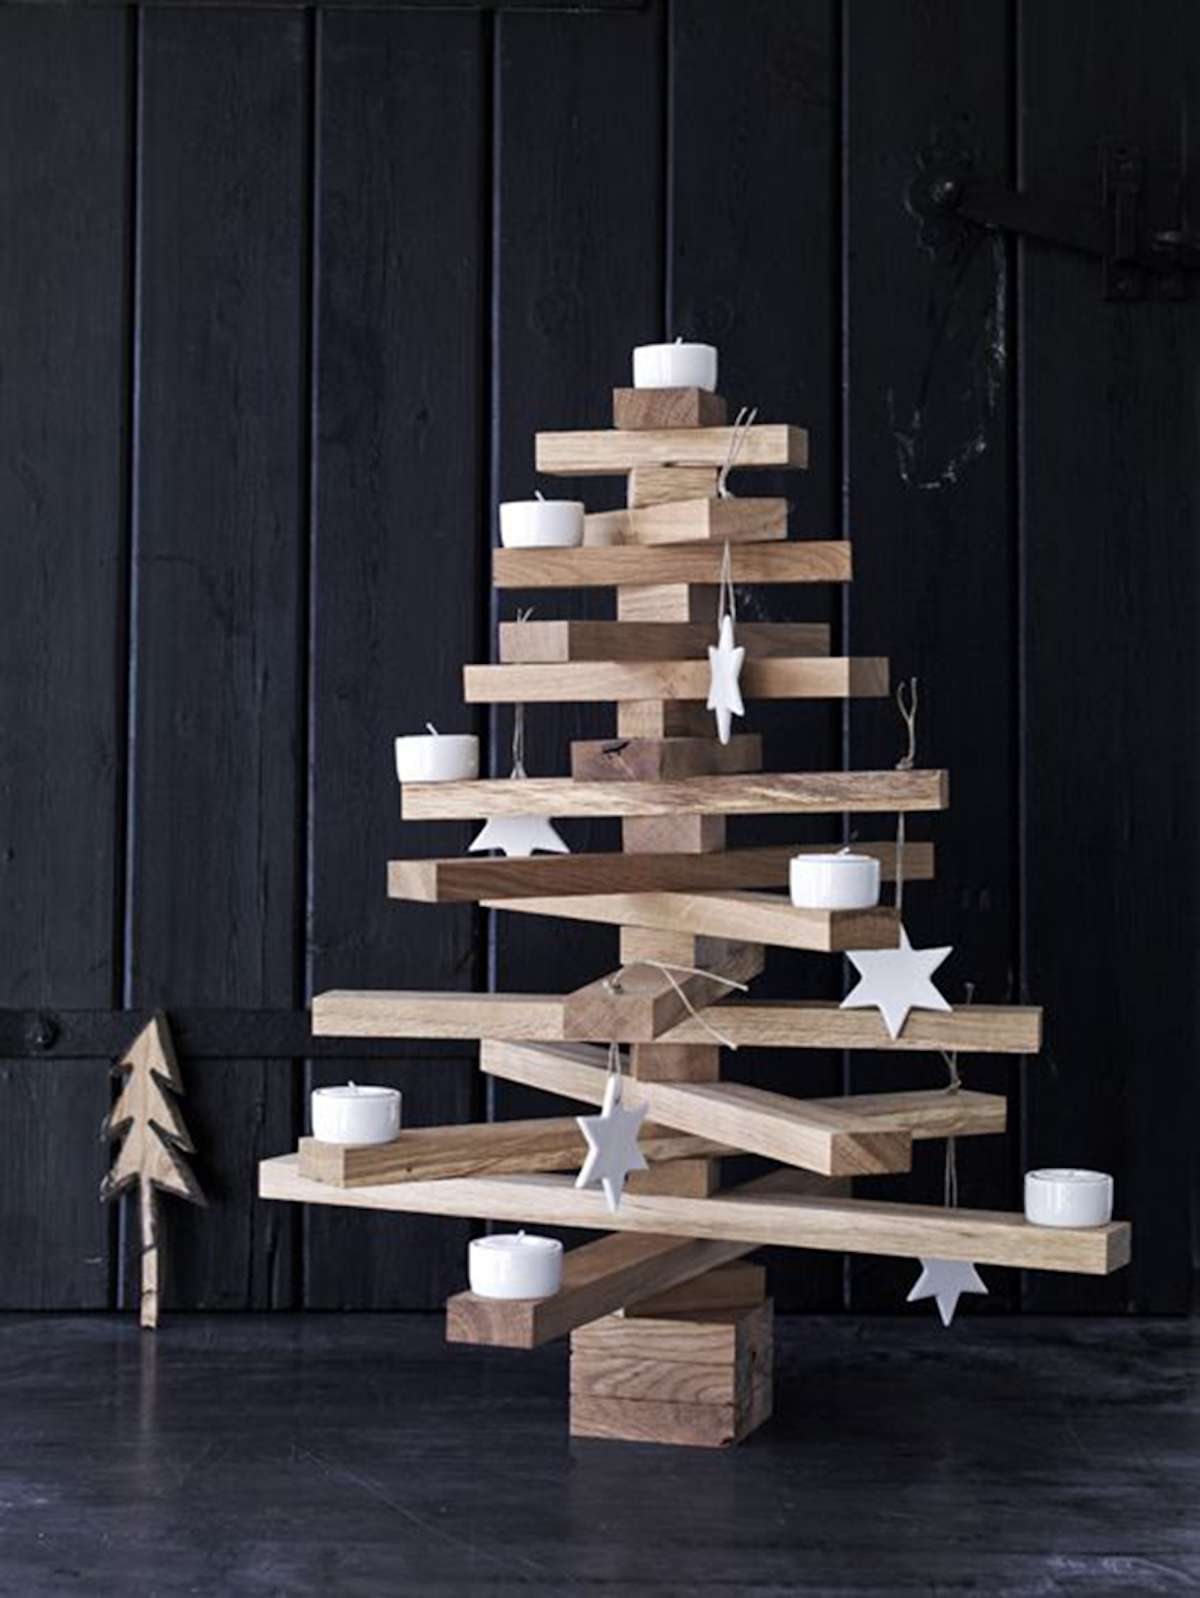 Árboles de Navidad originales y caseros para decorar tu casa 2